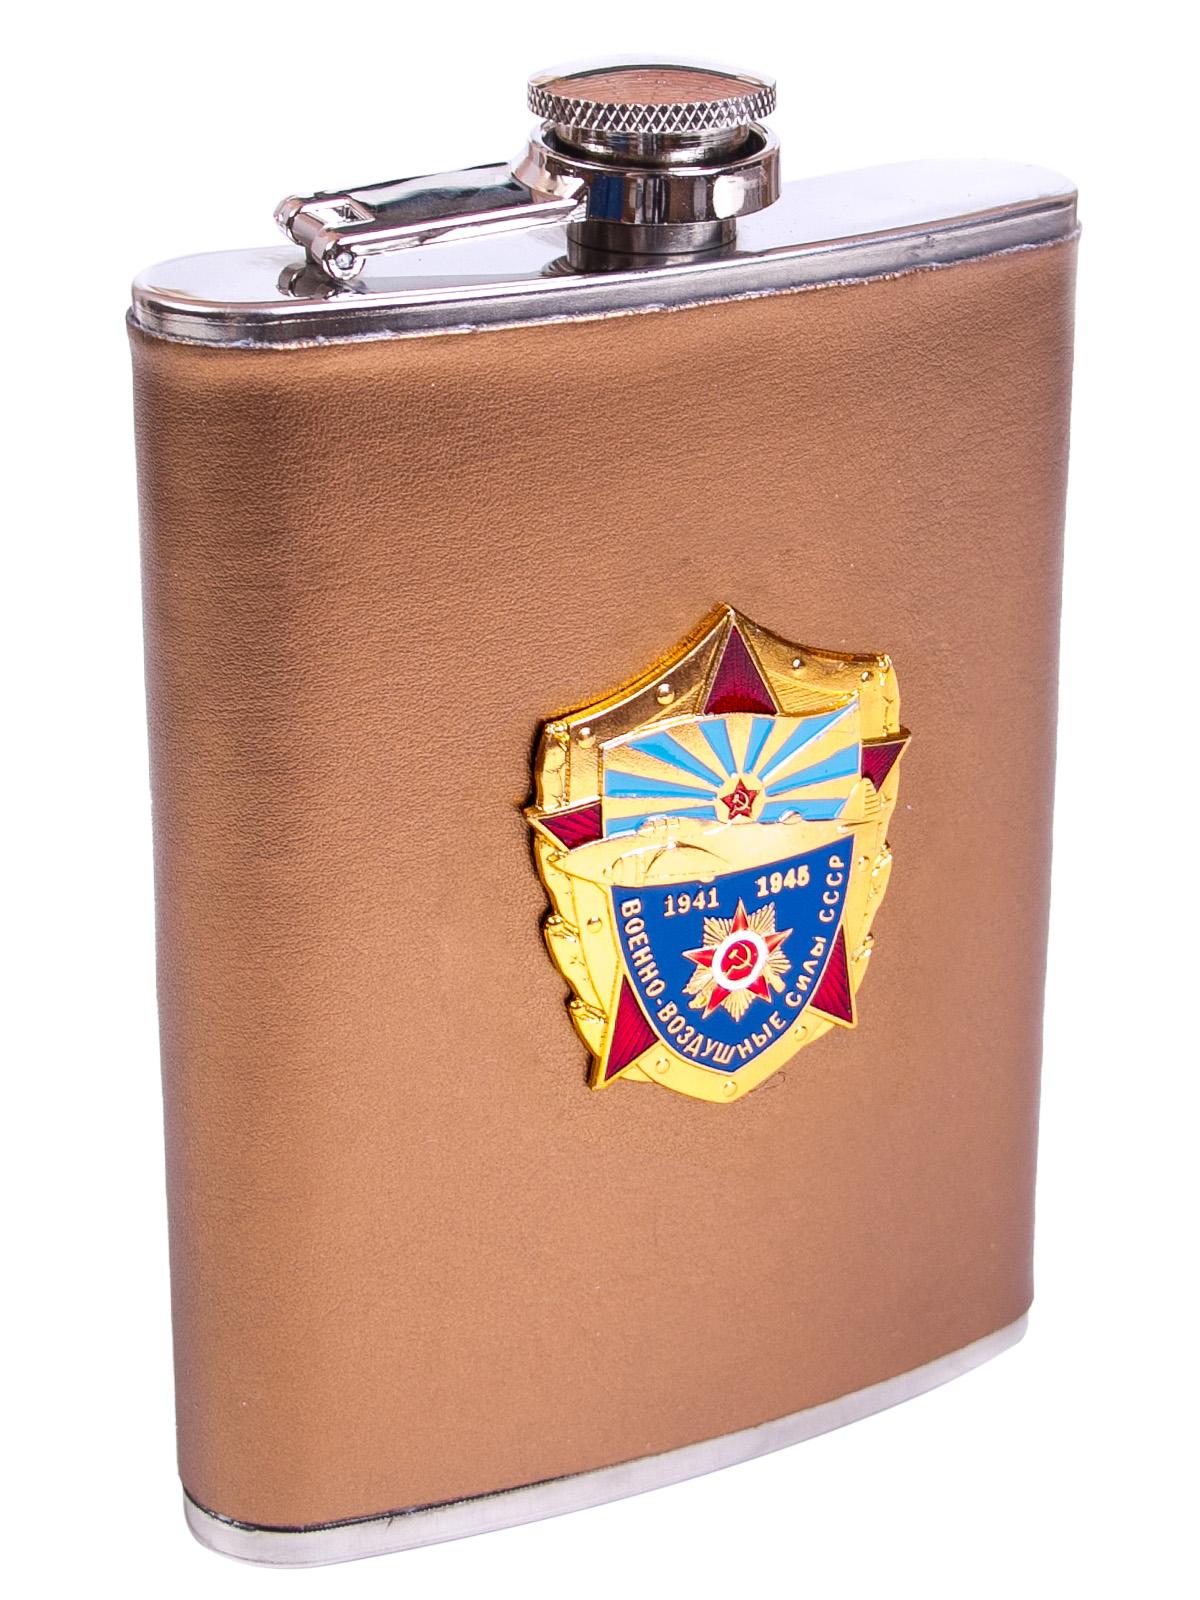 Фляжка для алкоголя Военно-воздушные силы СССР